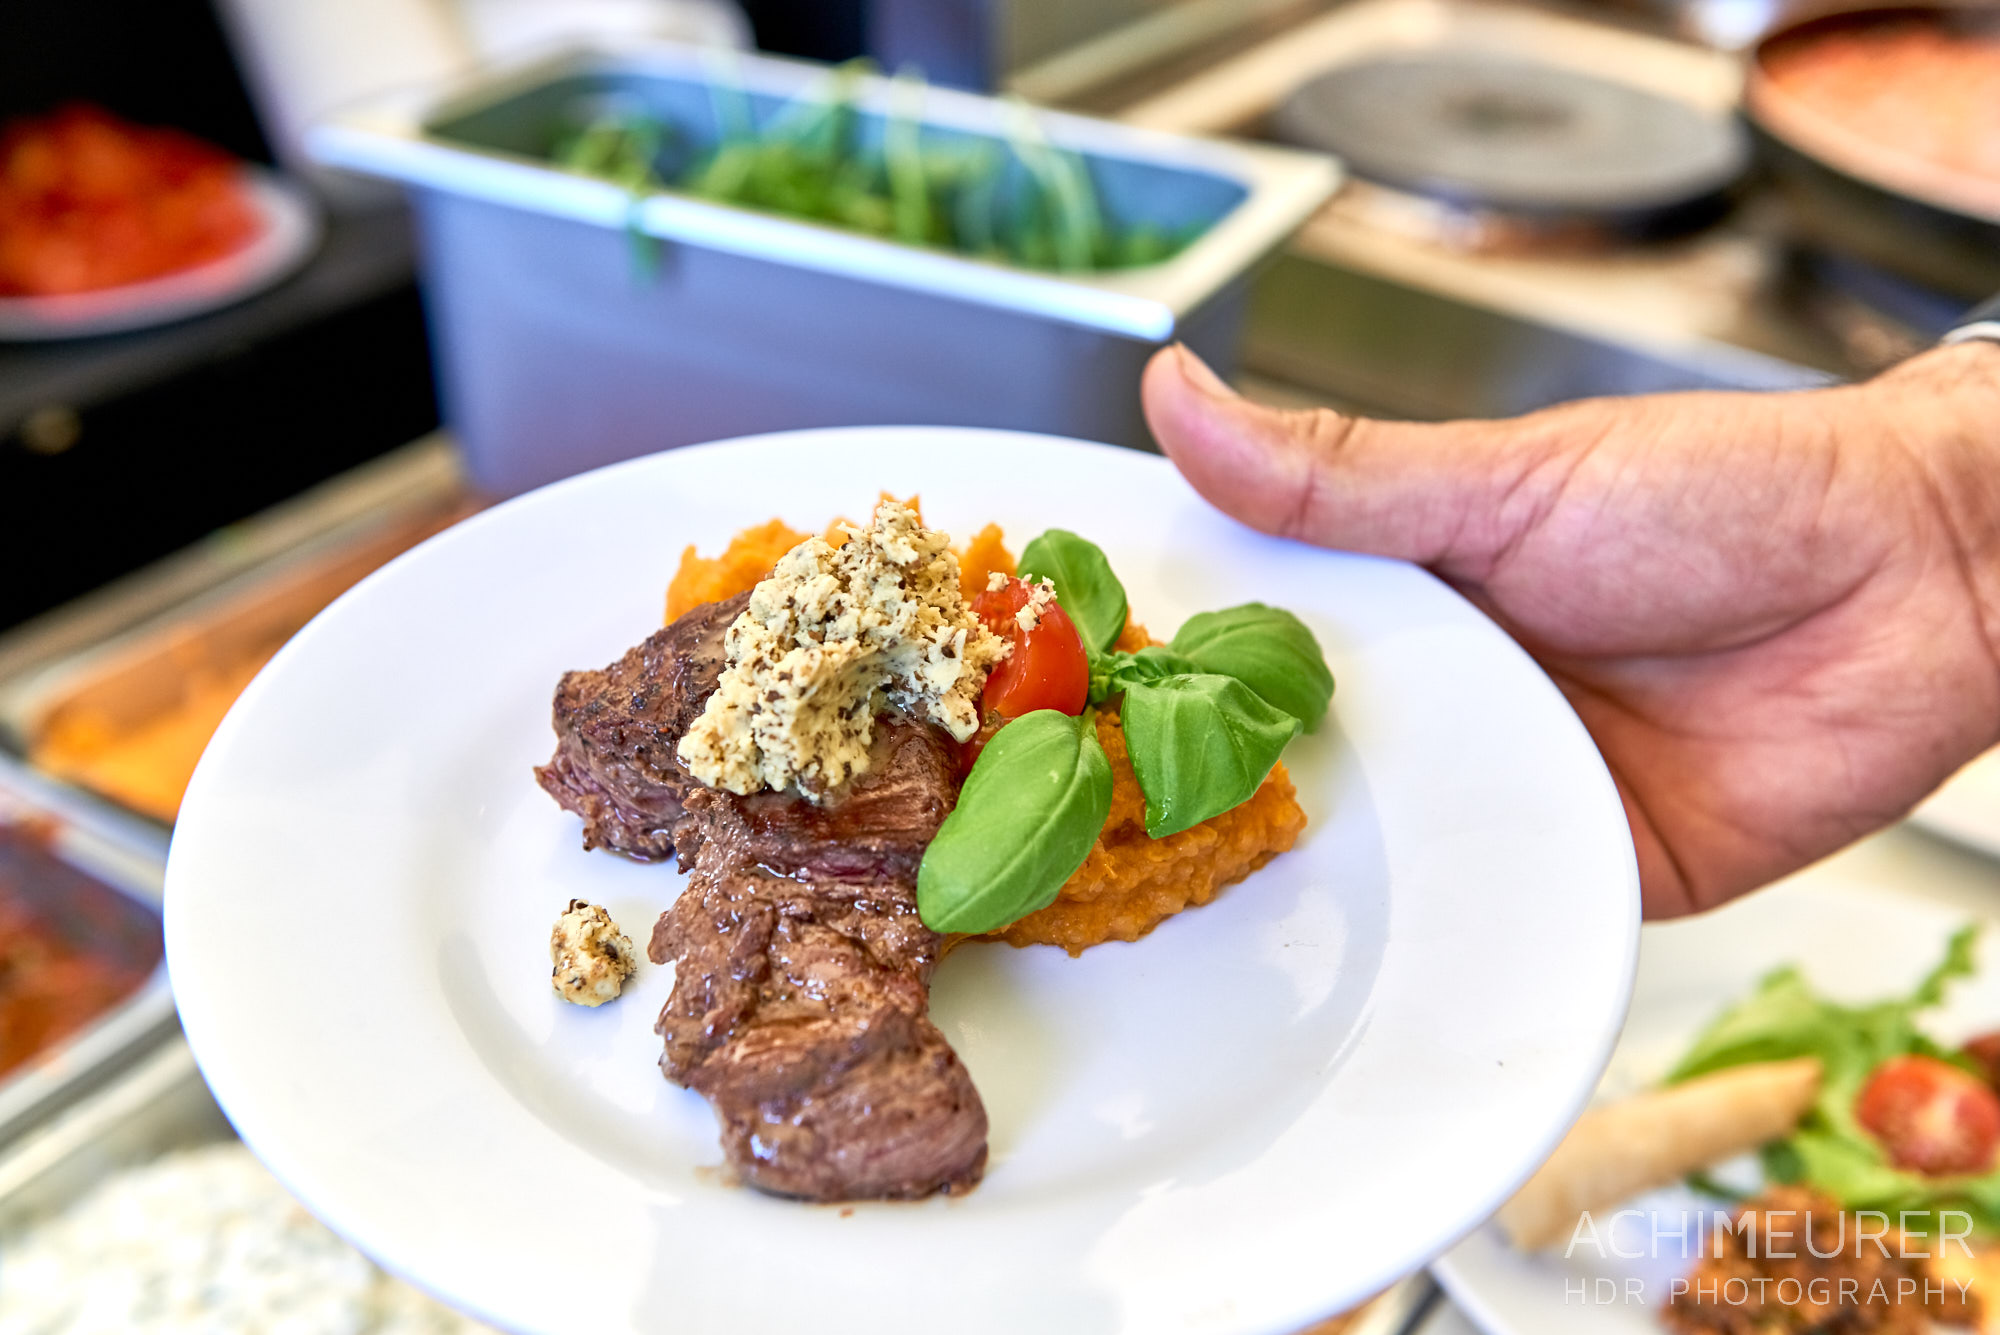 Kulinarik-Treff - Food - Impressionen aus Mülheim a.d. Ruhr, Ruhrgebiet , NRW by AchimMeurer.com .